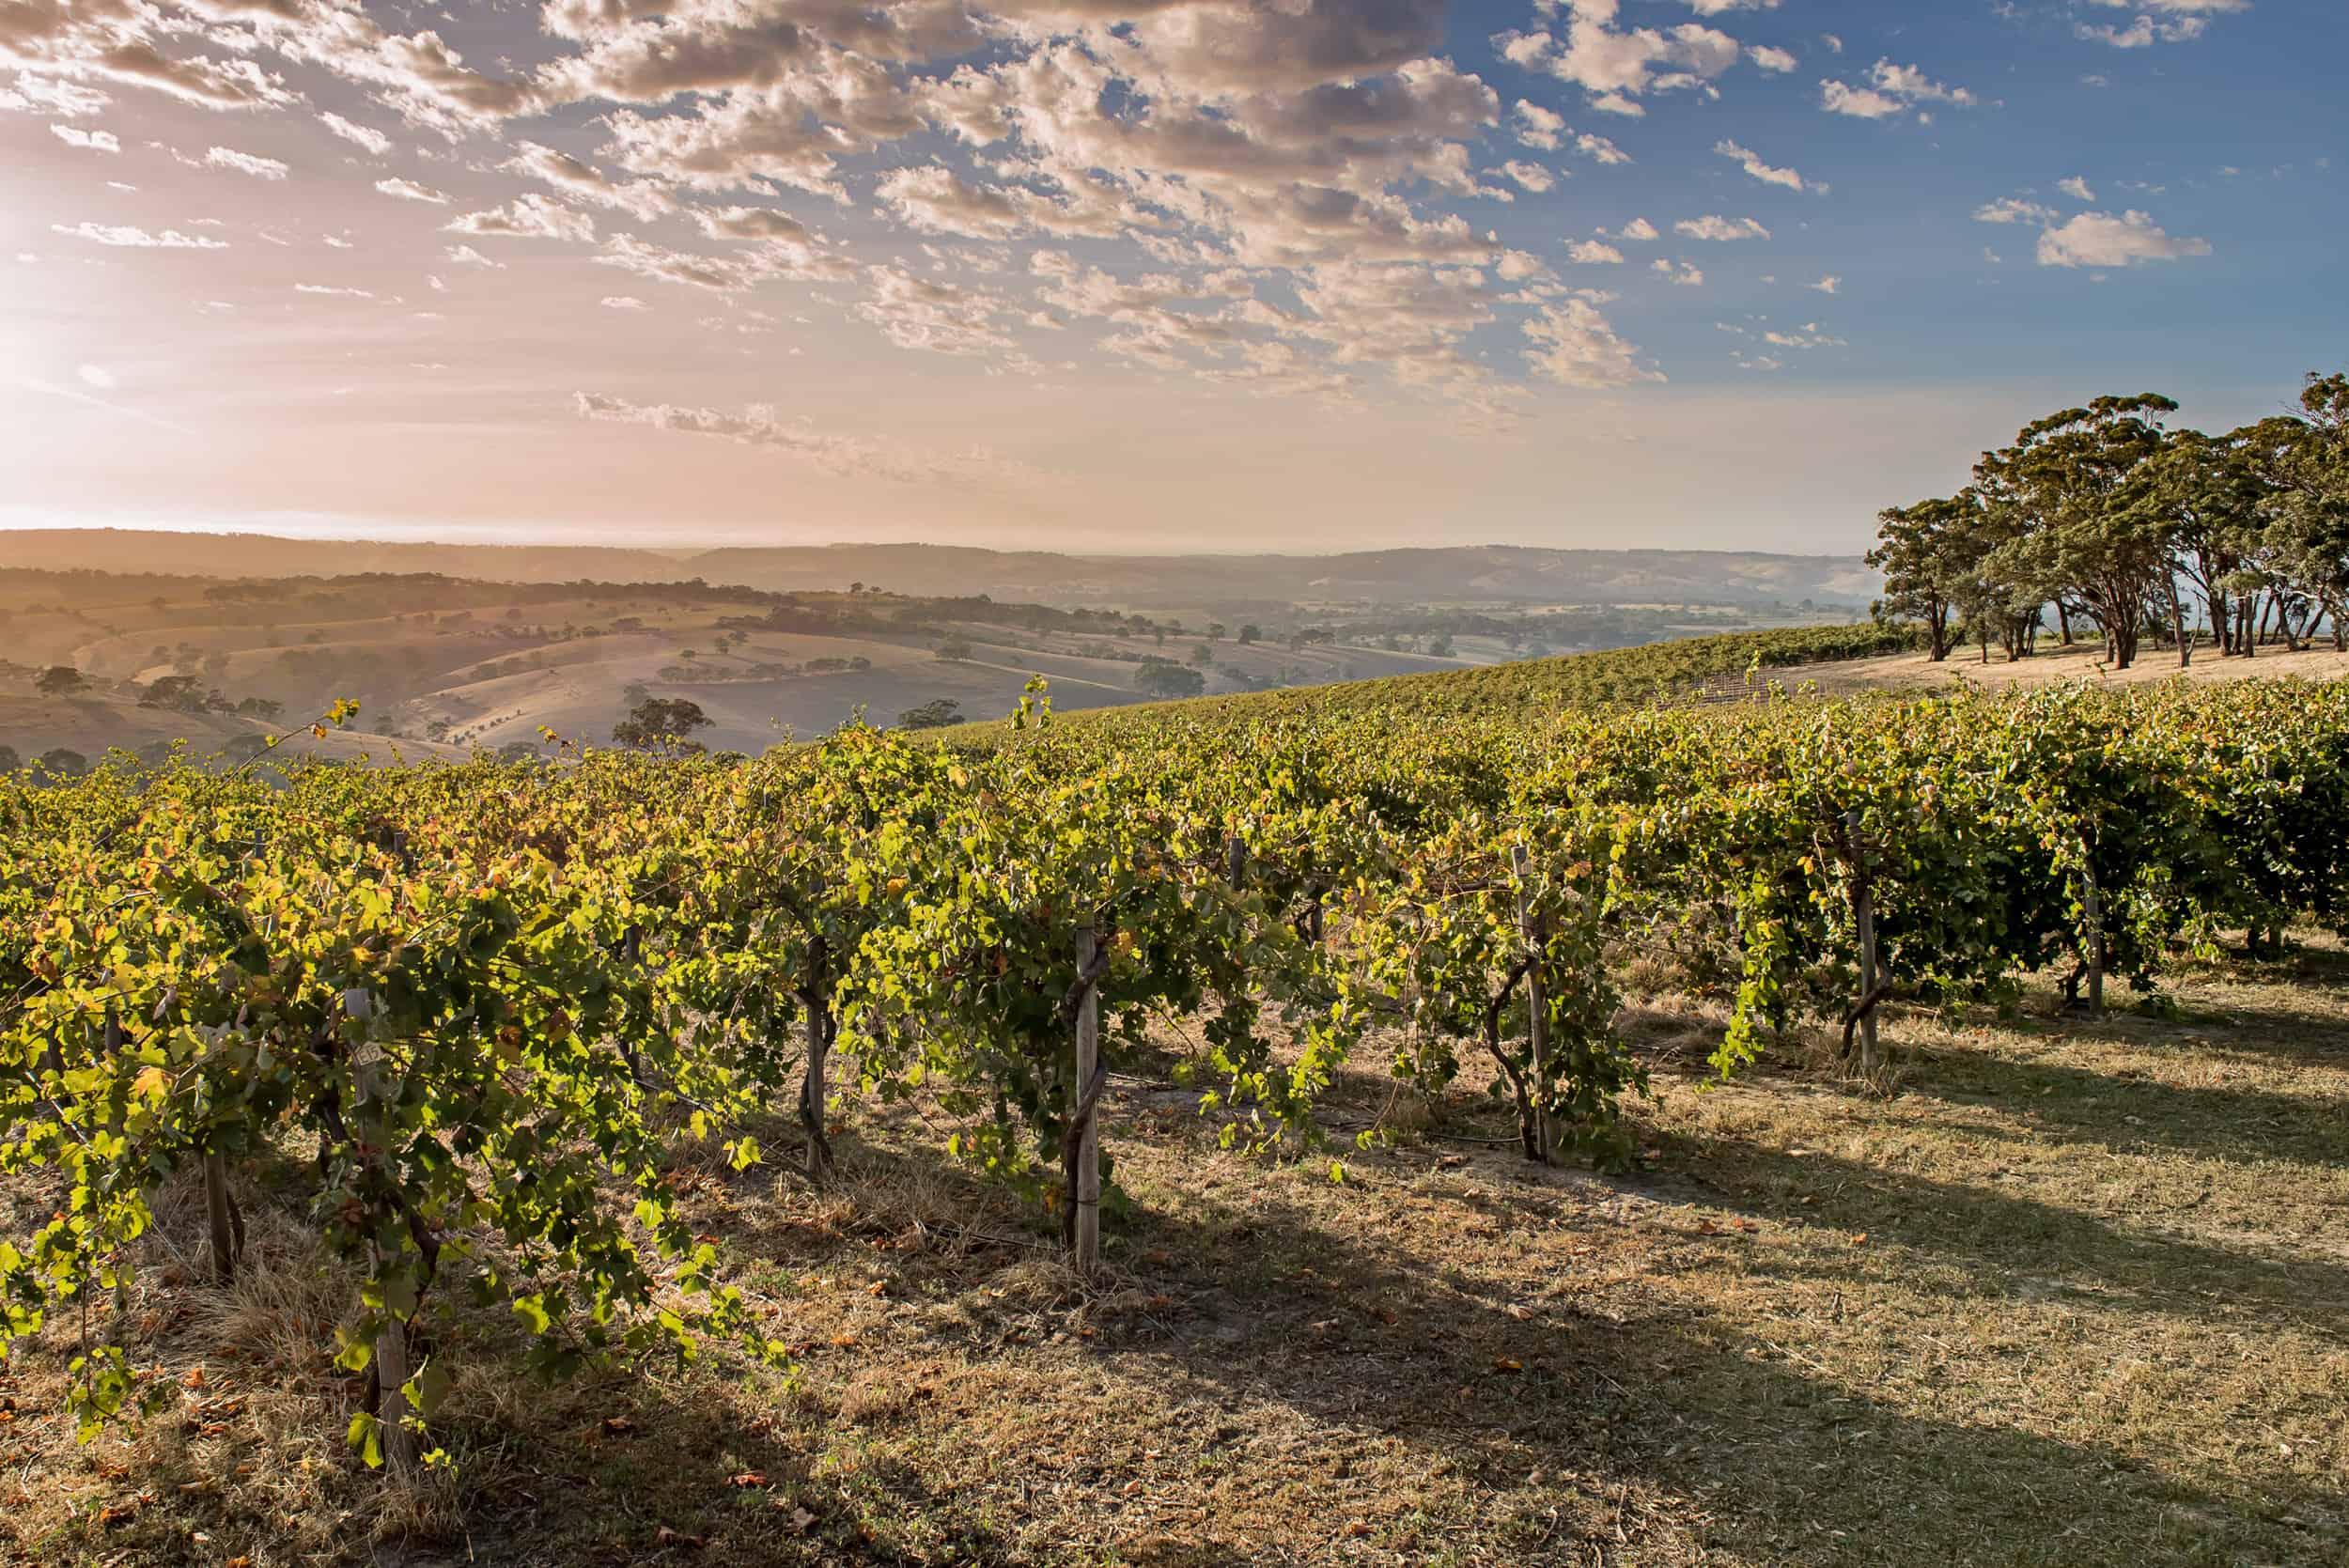 Clarendon Hills Winery vineyards